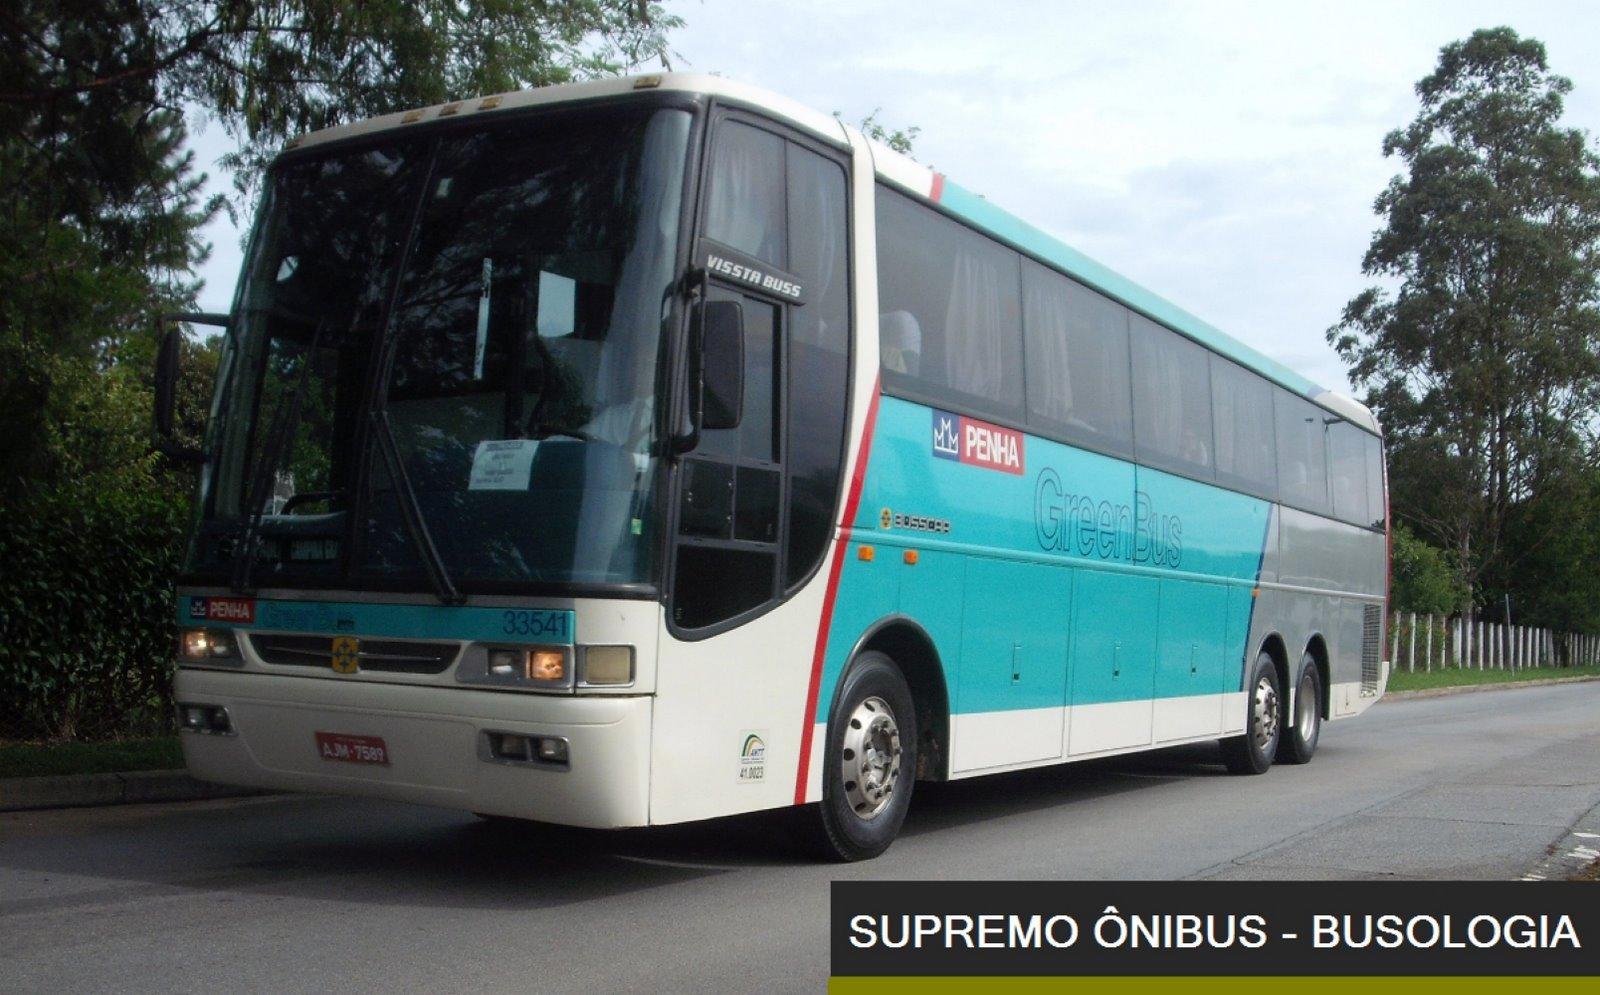 www.supremoonibus.com - Supremo Ônibus